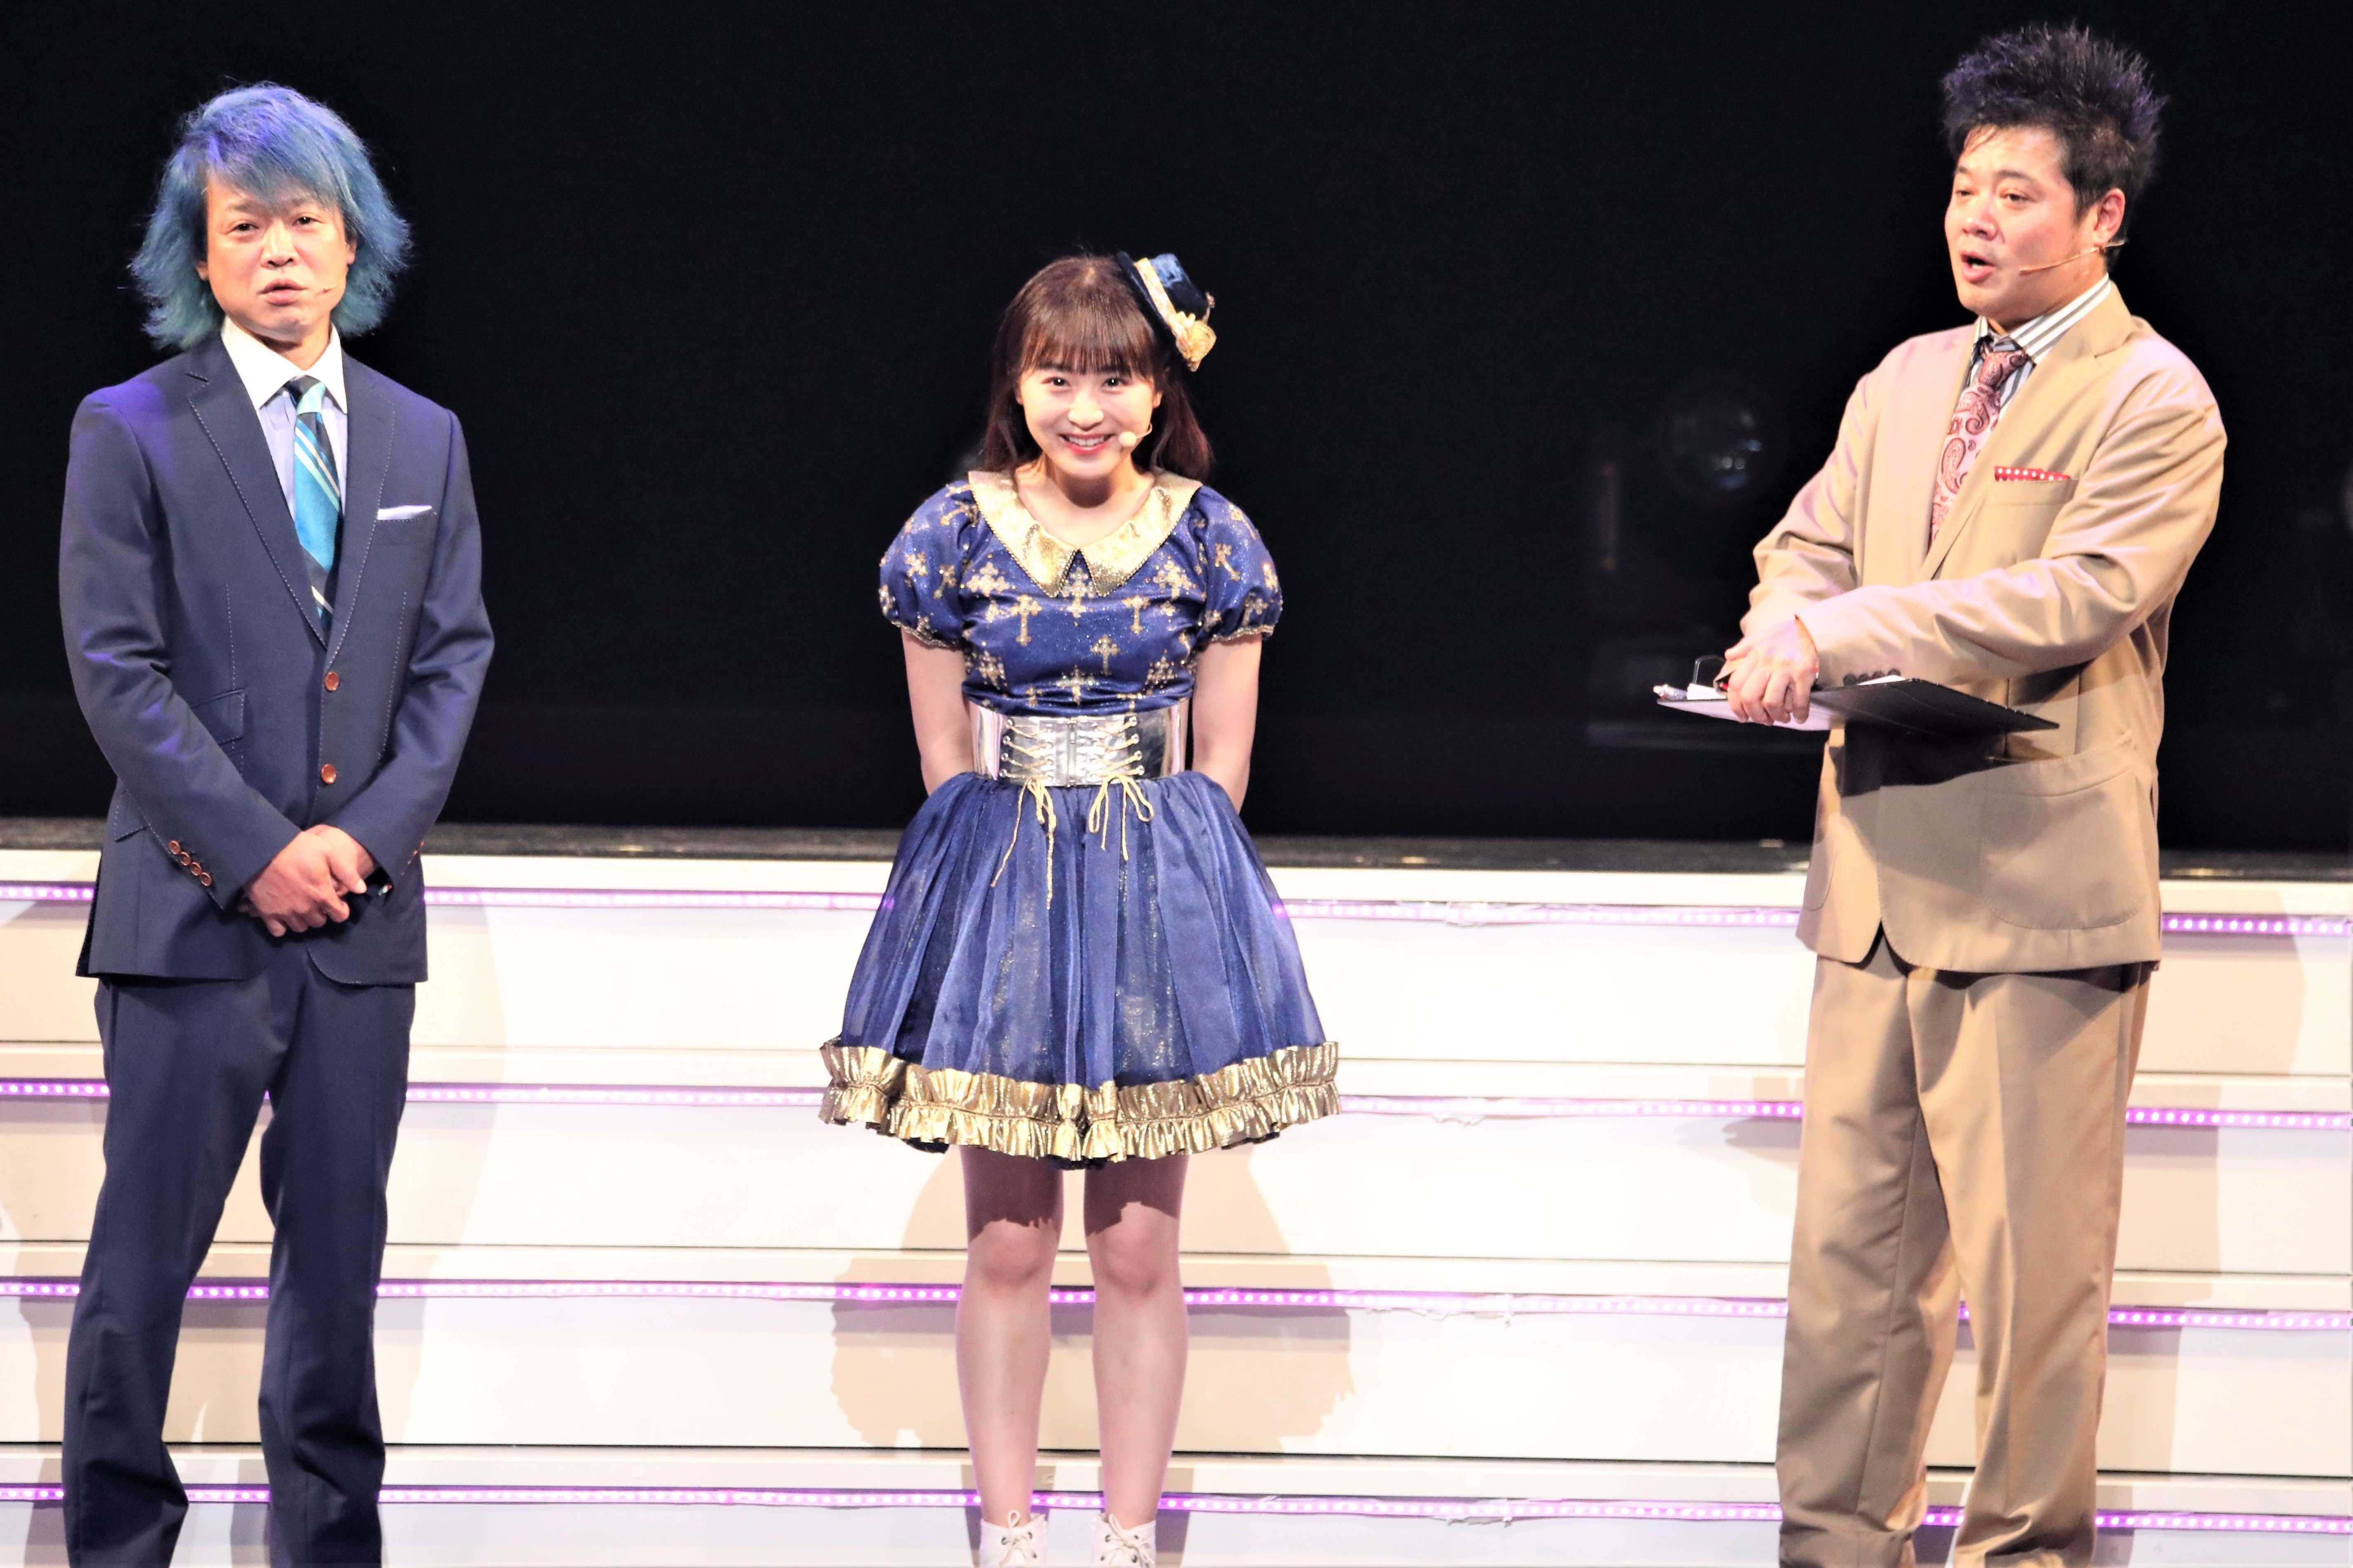 「星座占いで1位だった時の笑顔」のシチュエーションで ©AKB48 THE AUDISHOW製作委員会  無断アップロード及び転送は一切禁止です。